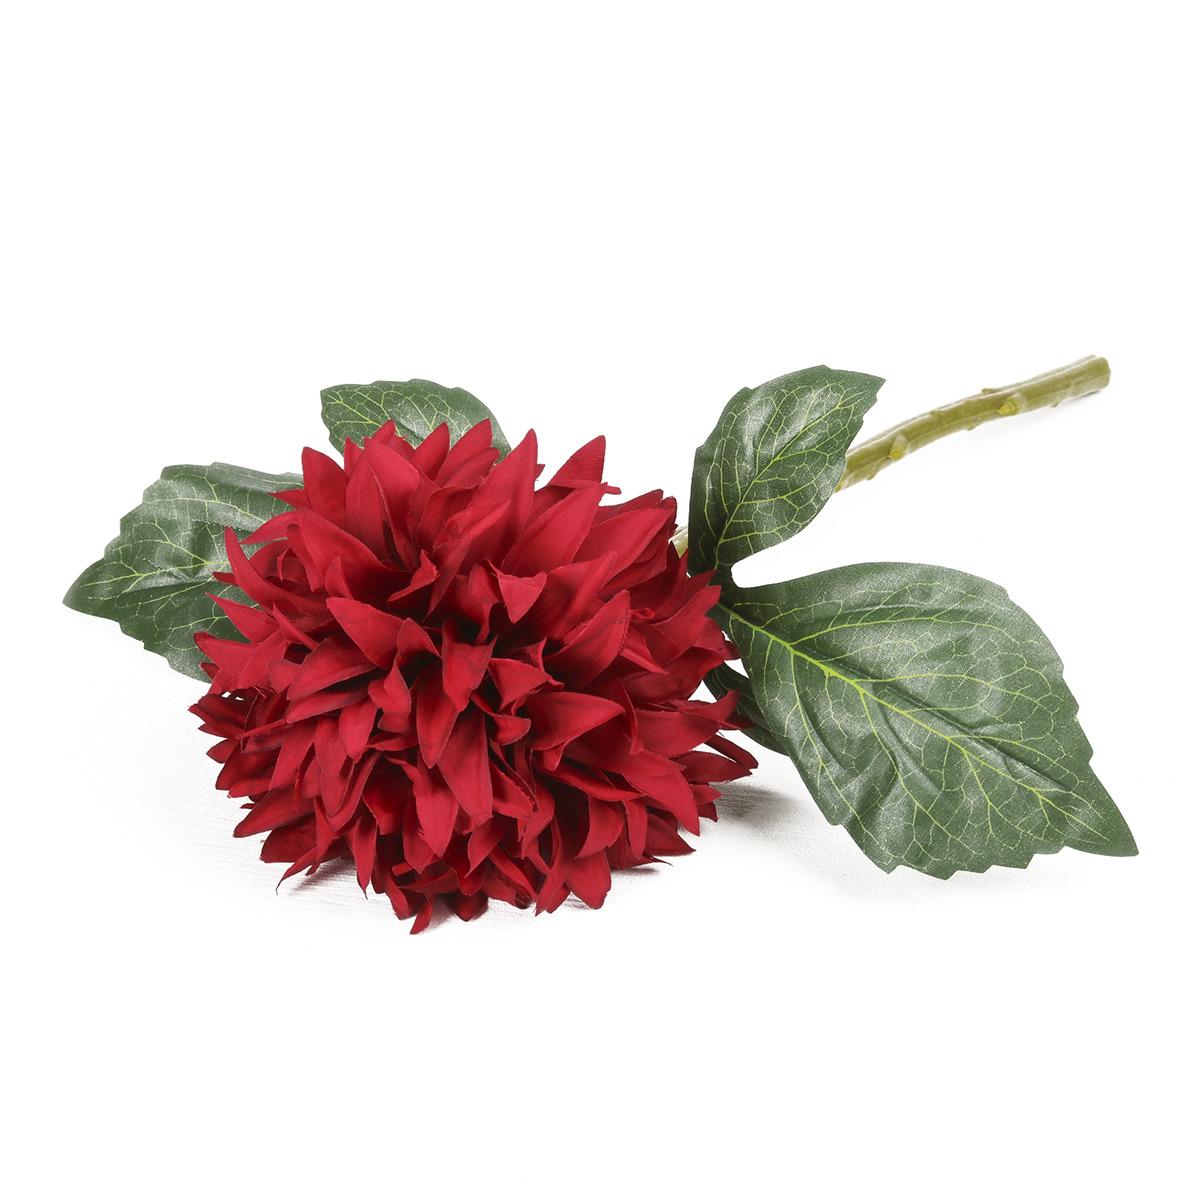 Искусственные цветы Георгин люкс, 3544325, бордовый, 30 см